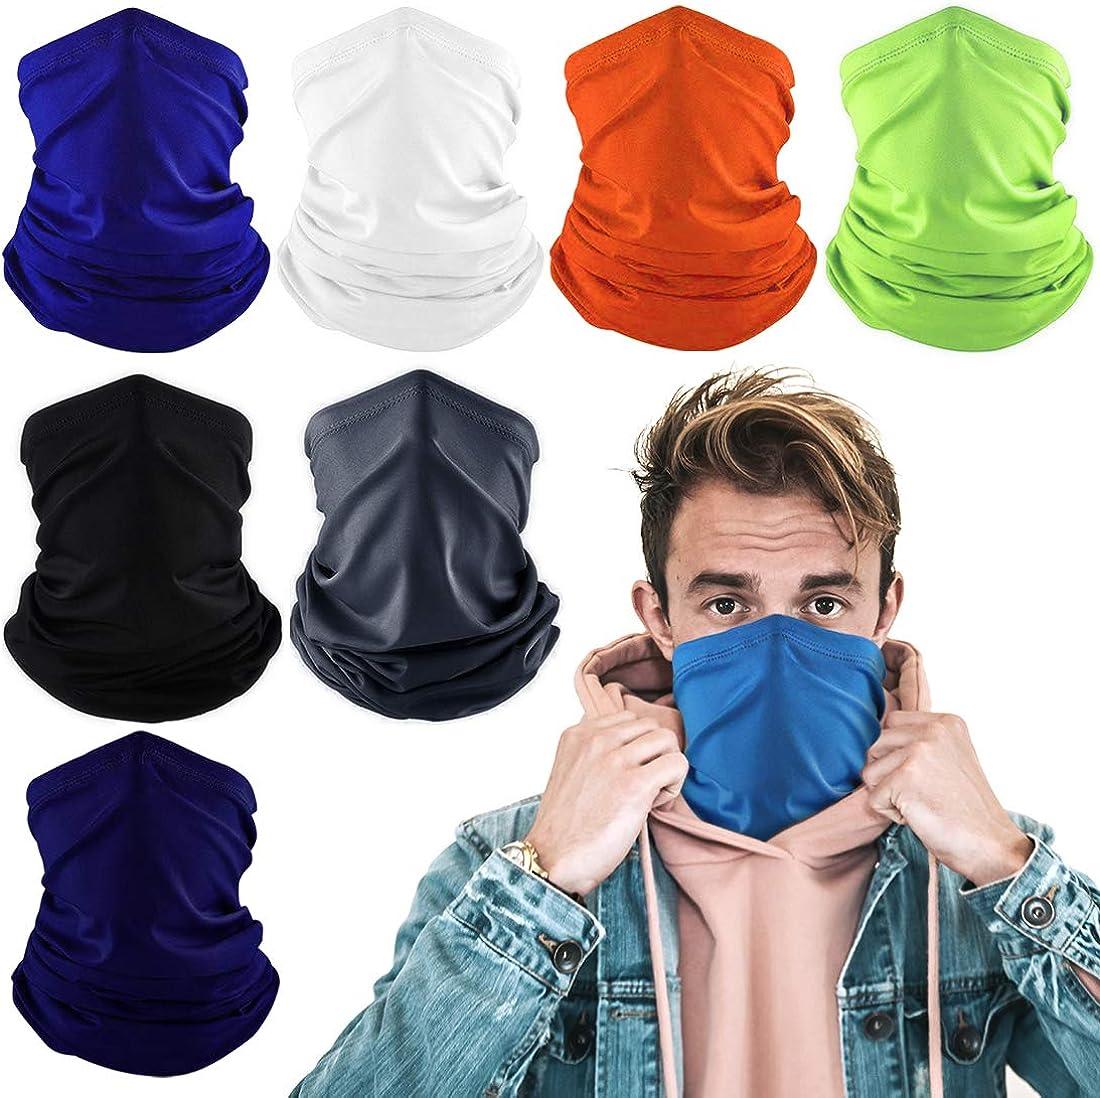 Konikit Neck Gaiter Cooling Face Covering for Men Women Summer Neck Gator Face Mask for Dust Outdoors